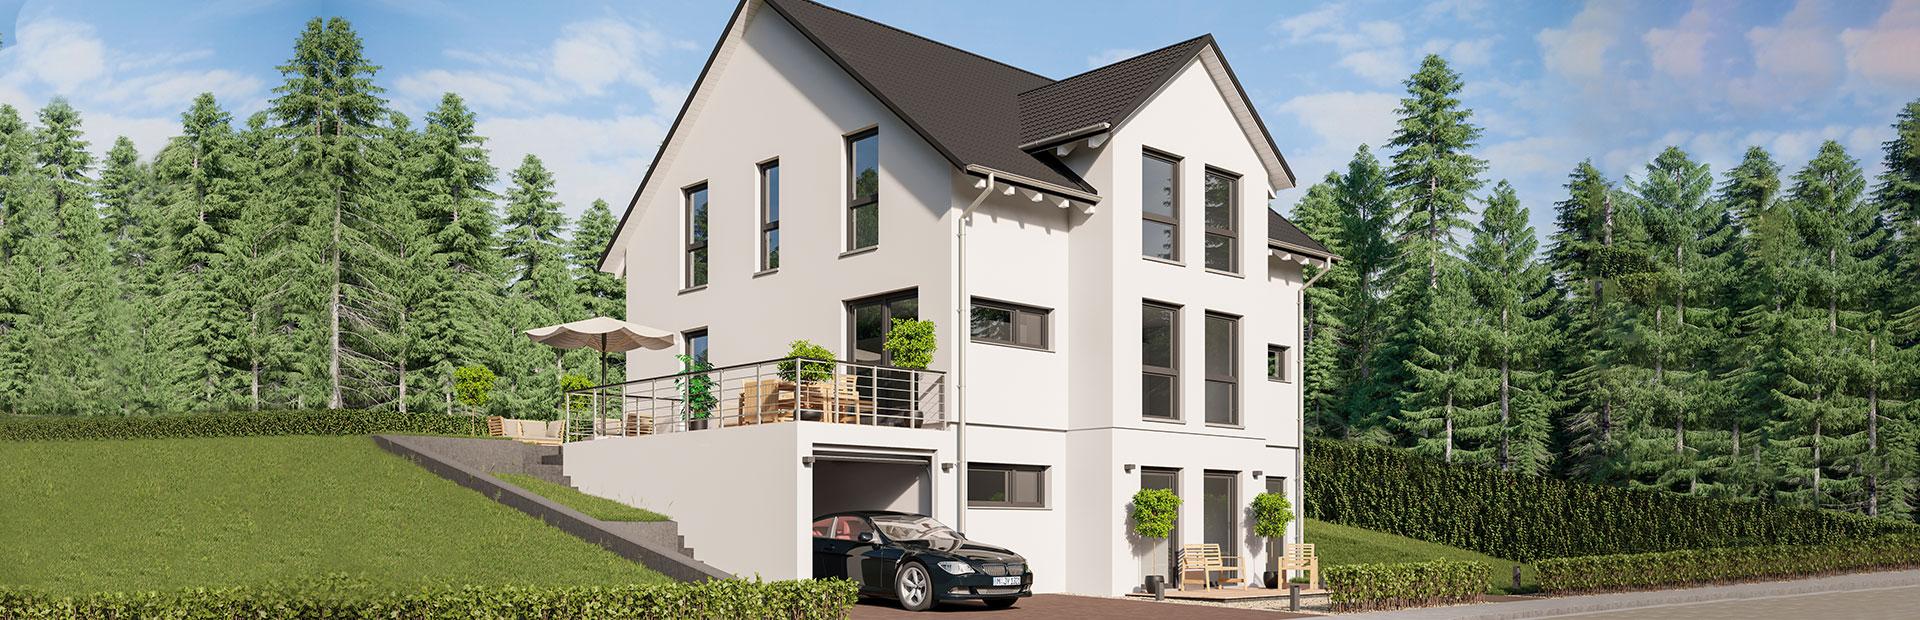 Zweifamilienhaus mit Satteldach und Einliegerwohnung